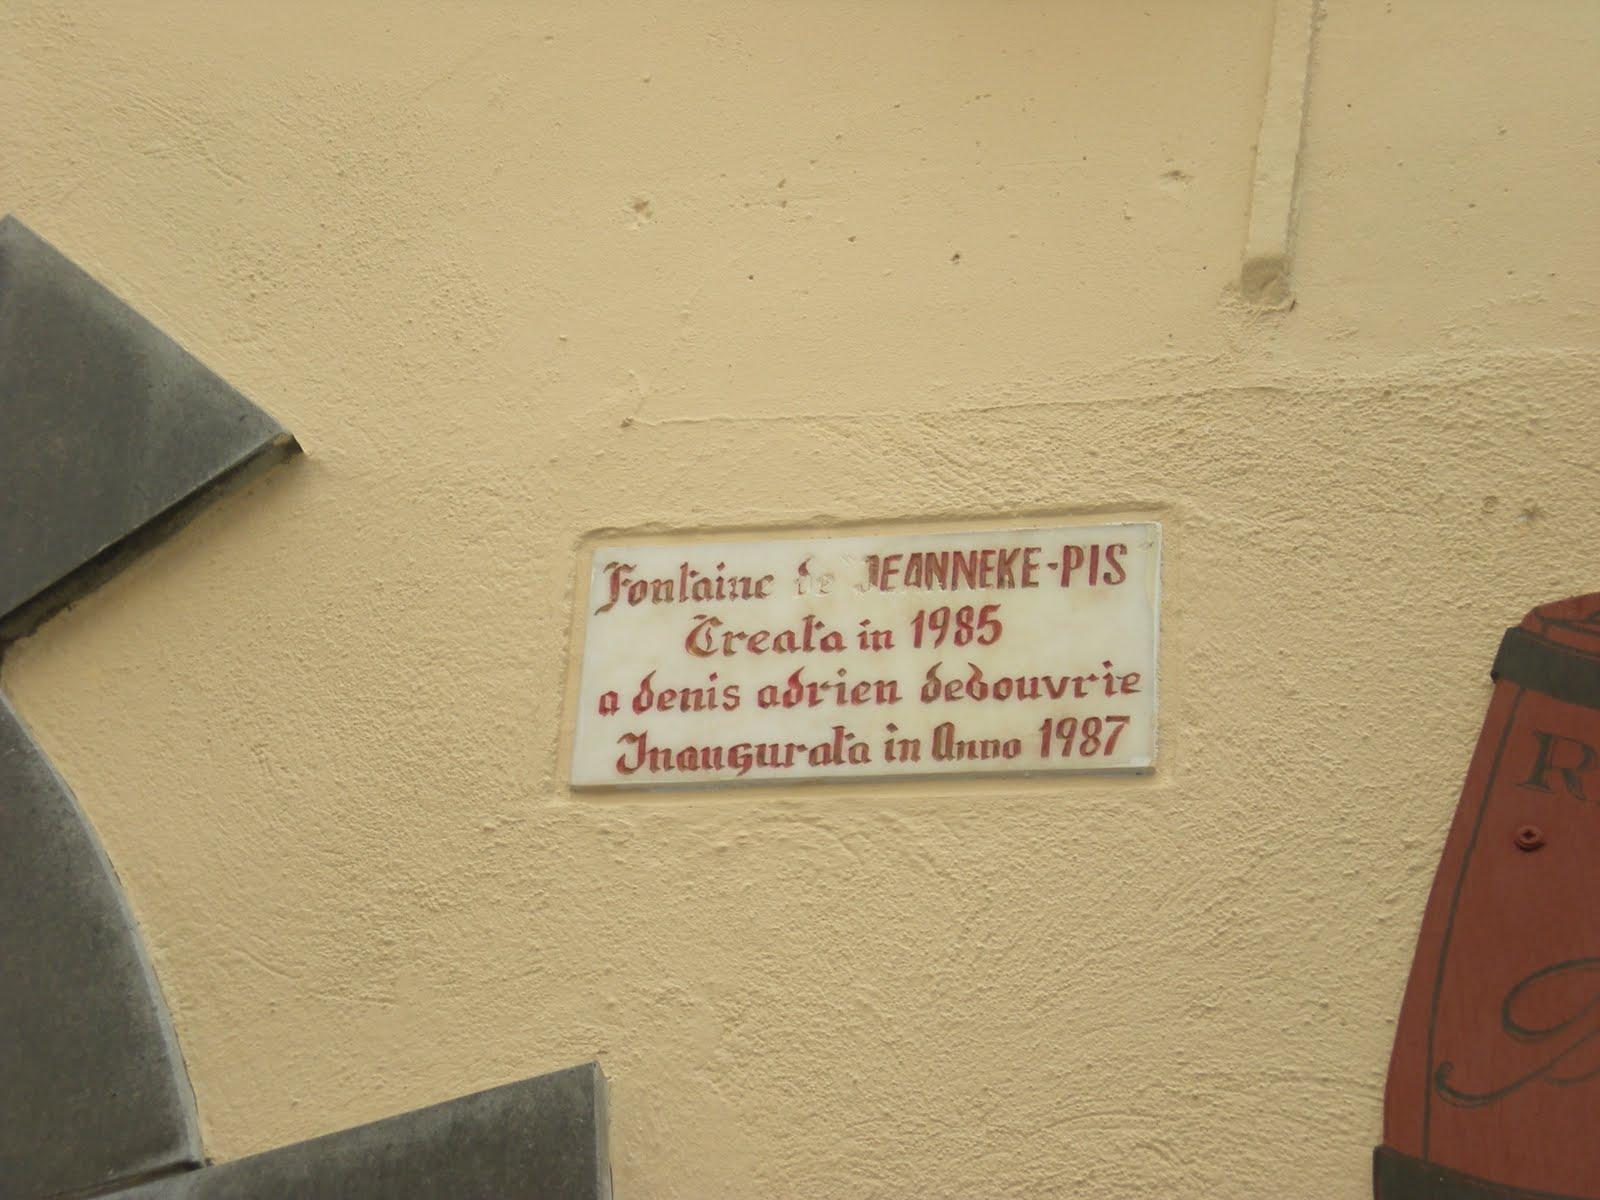 Placa conmemorativa de la colocación de Jeanneke